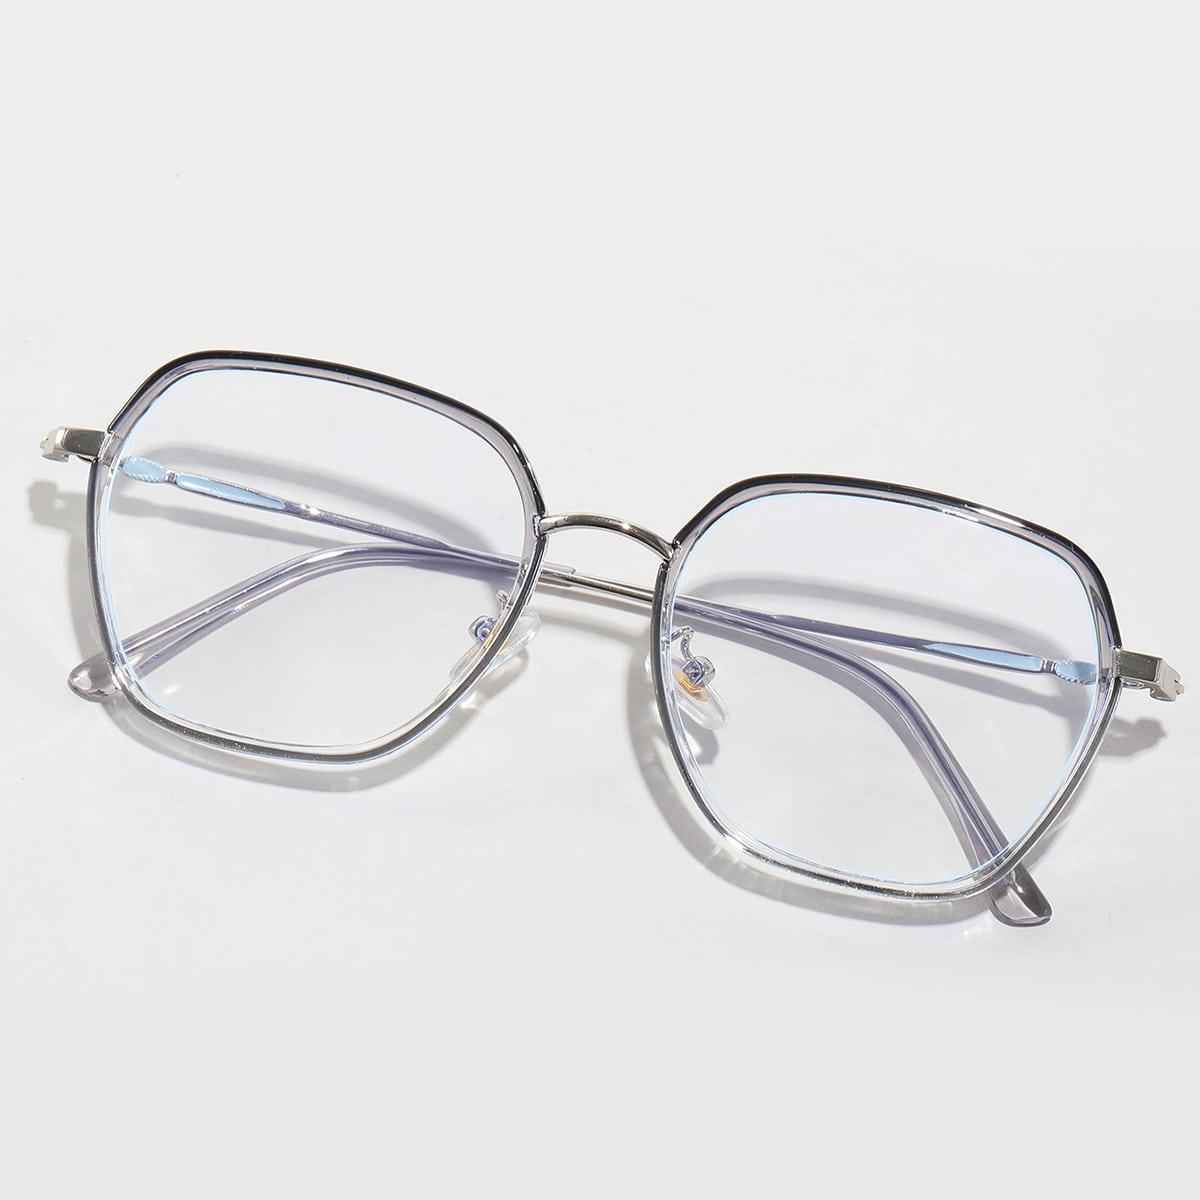 Очки с защитой от синего света в геометрической оправе